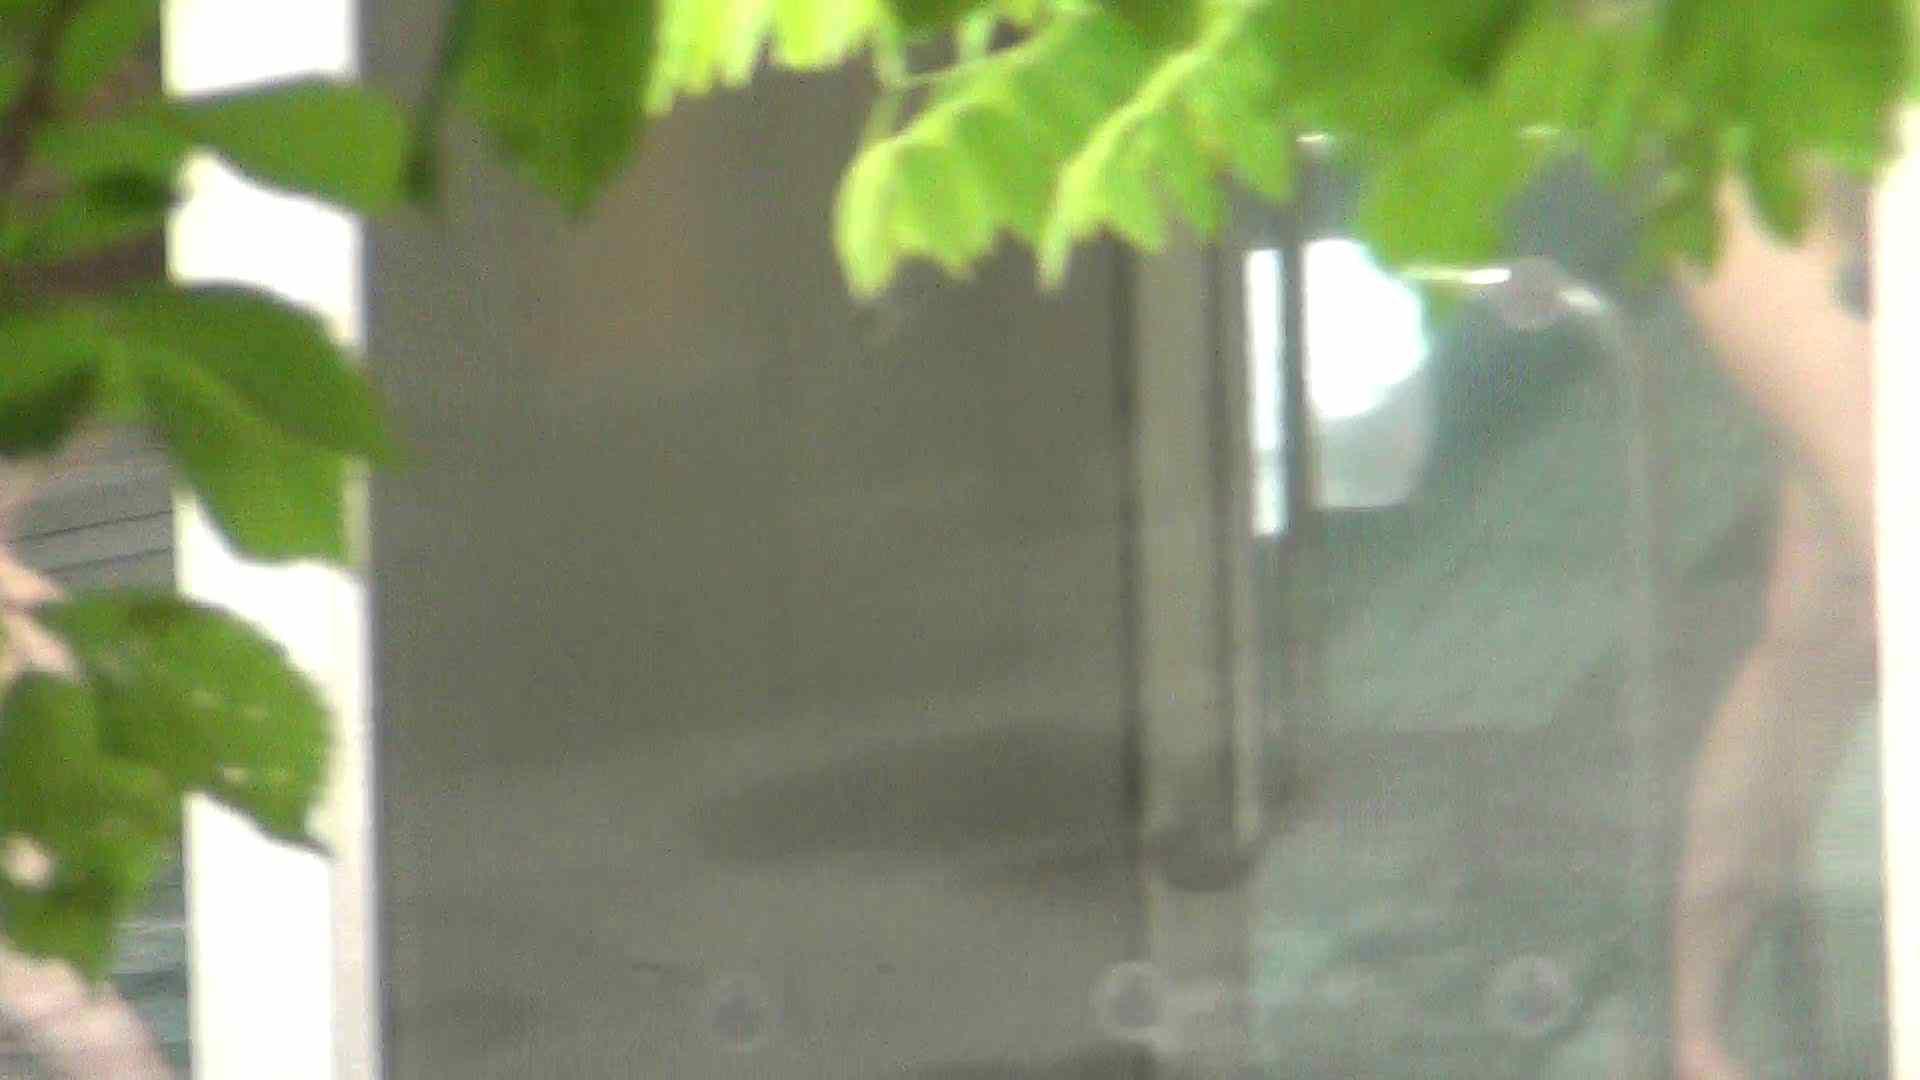 ハイビジョンVol.14 年齢とともに大きくなる心と乳首 美肌 ワレメ無修正動画無料 59画像 3